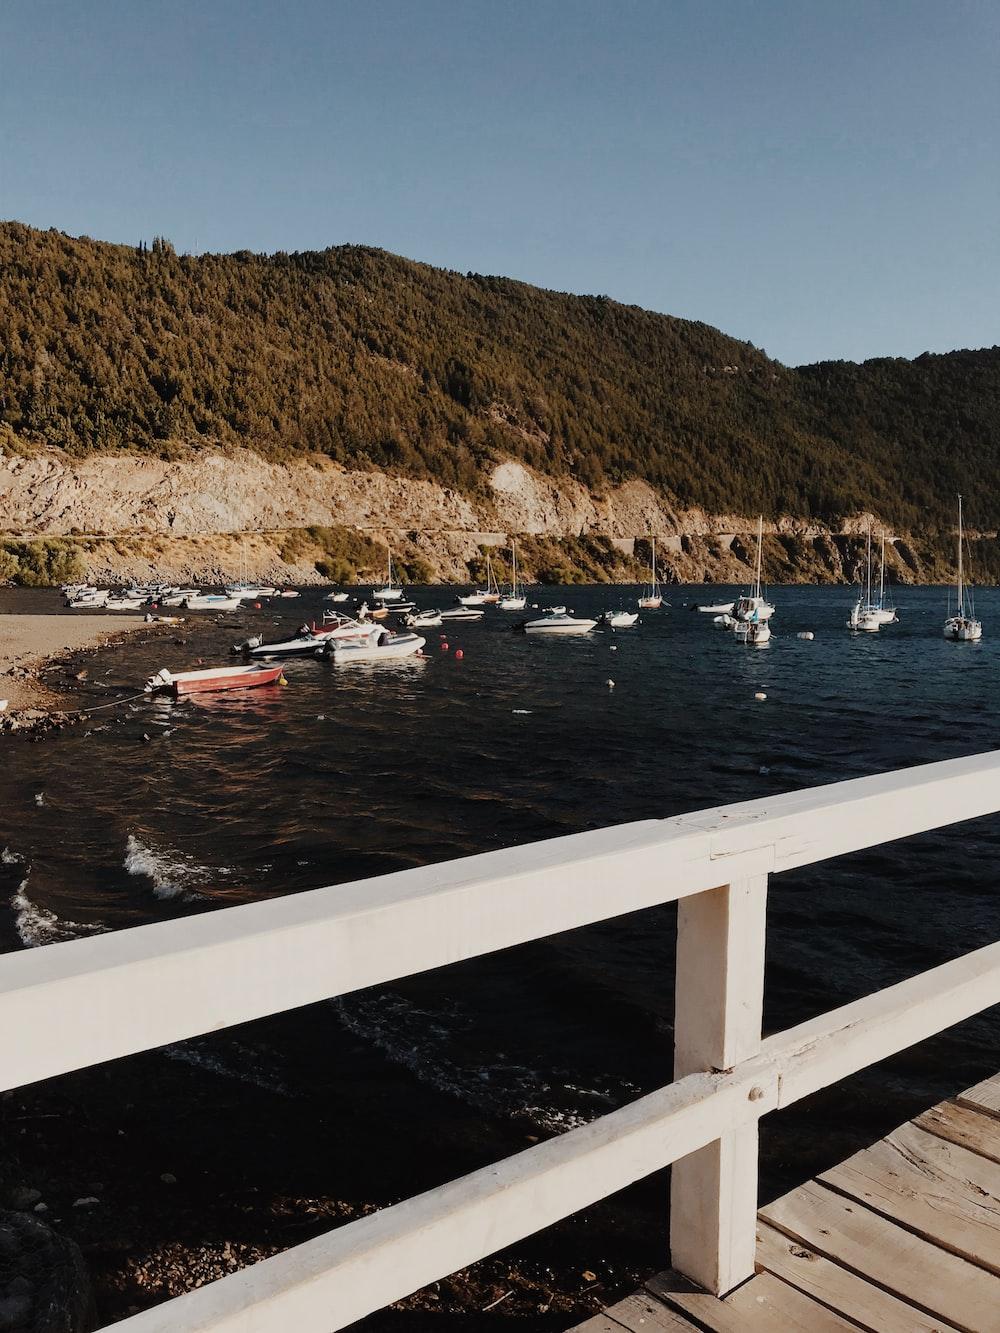 sailboats on harbor